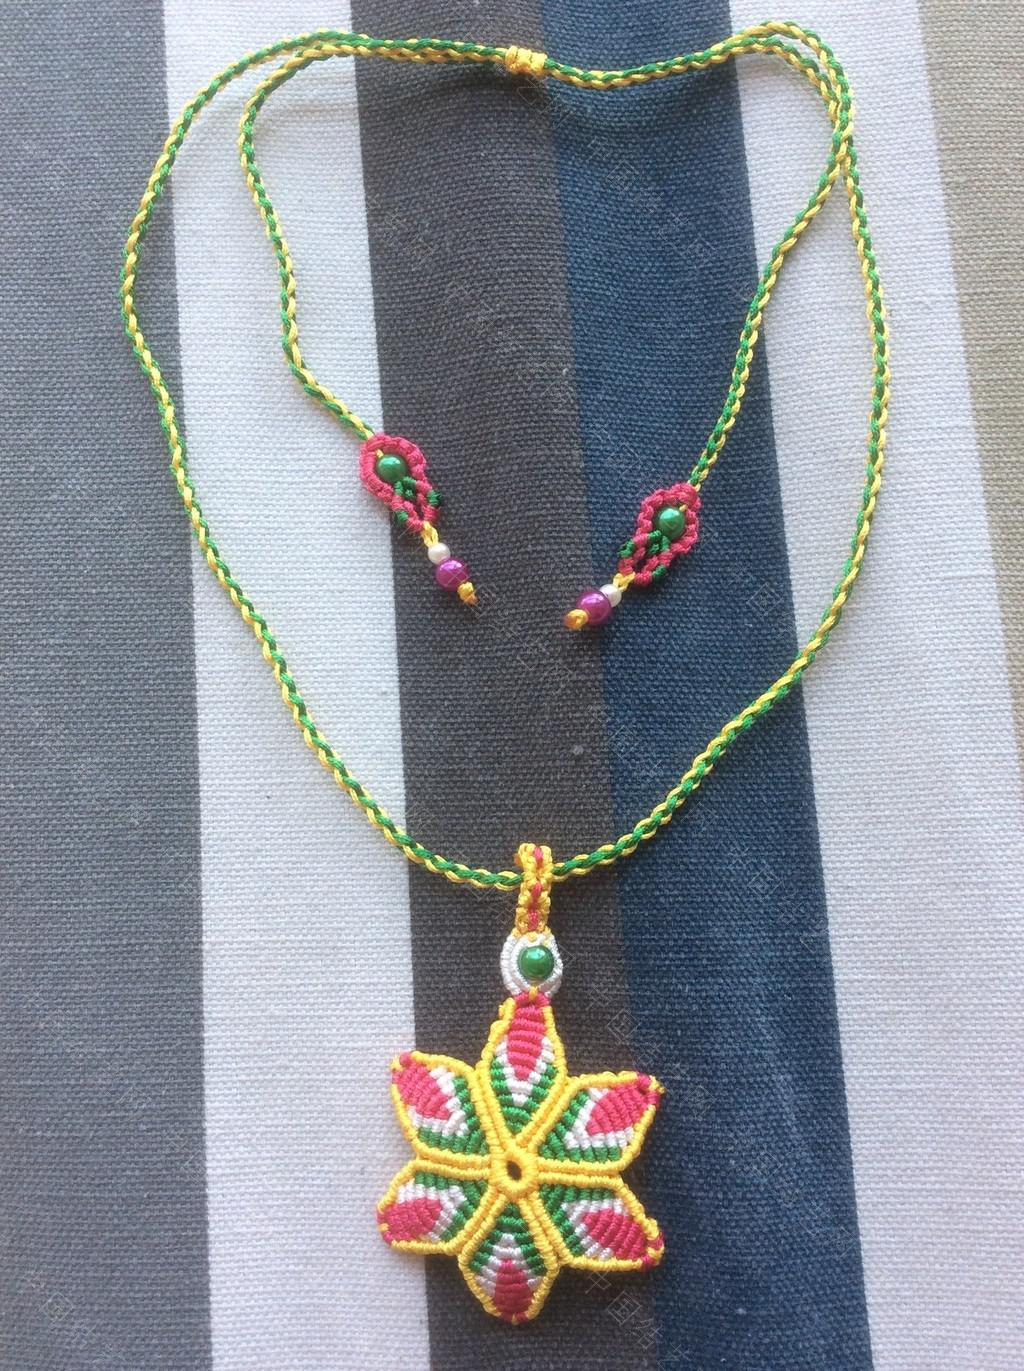 中国结论坛 非洲菊项链 非洲,项链 作品展示 141349g67dr5kti8k2i2i0